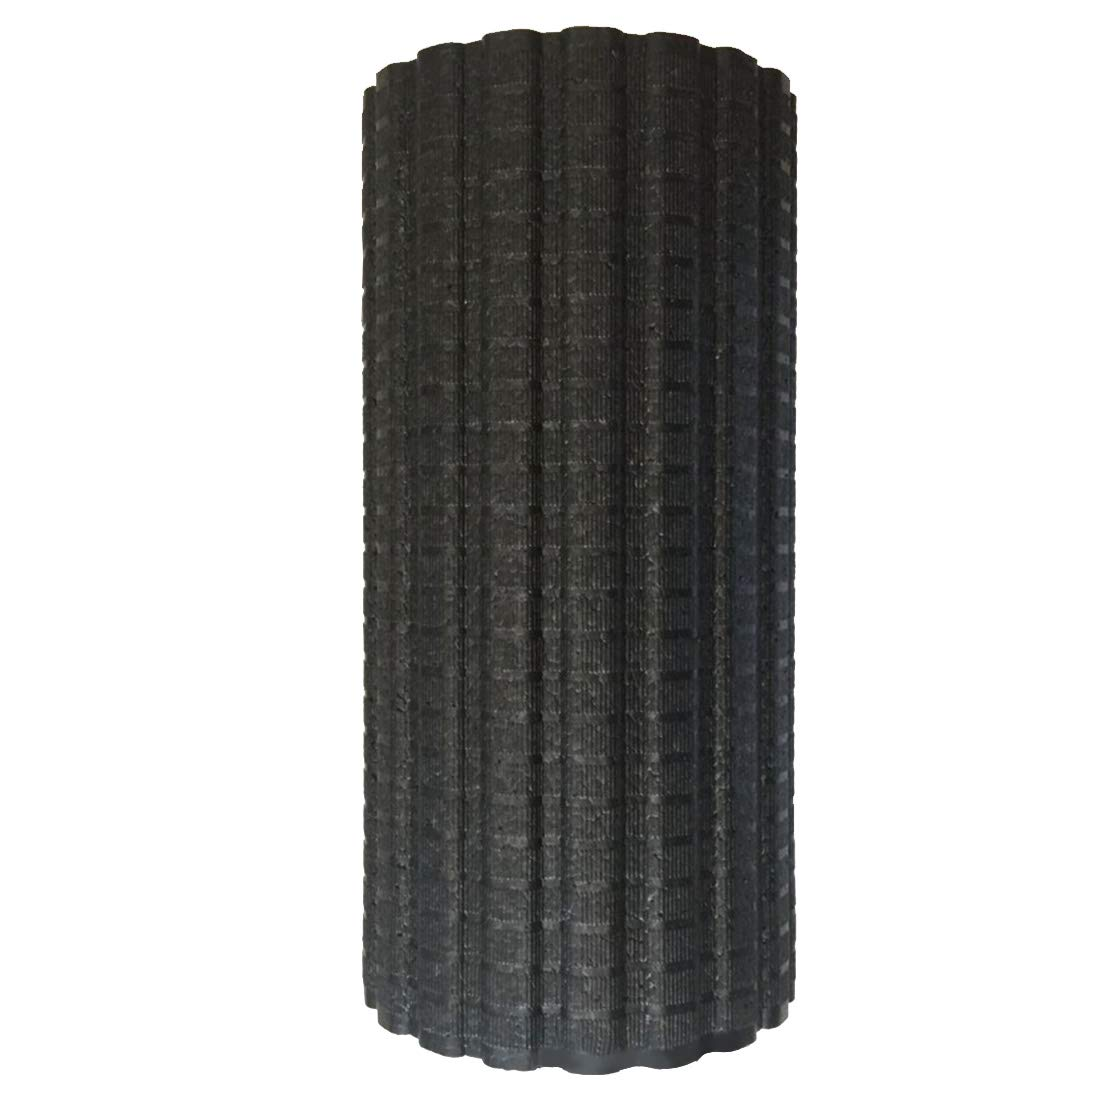 WEATLY Vibrierende elektrische Yoga-Säule, Verstellbarer Vollschaum-Schaft, Tiefe Massage-Yoga-Säule, schwarz